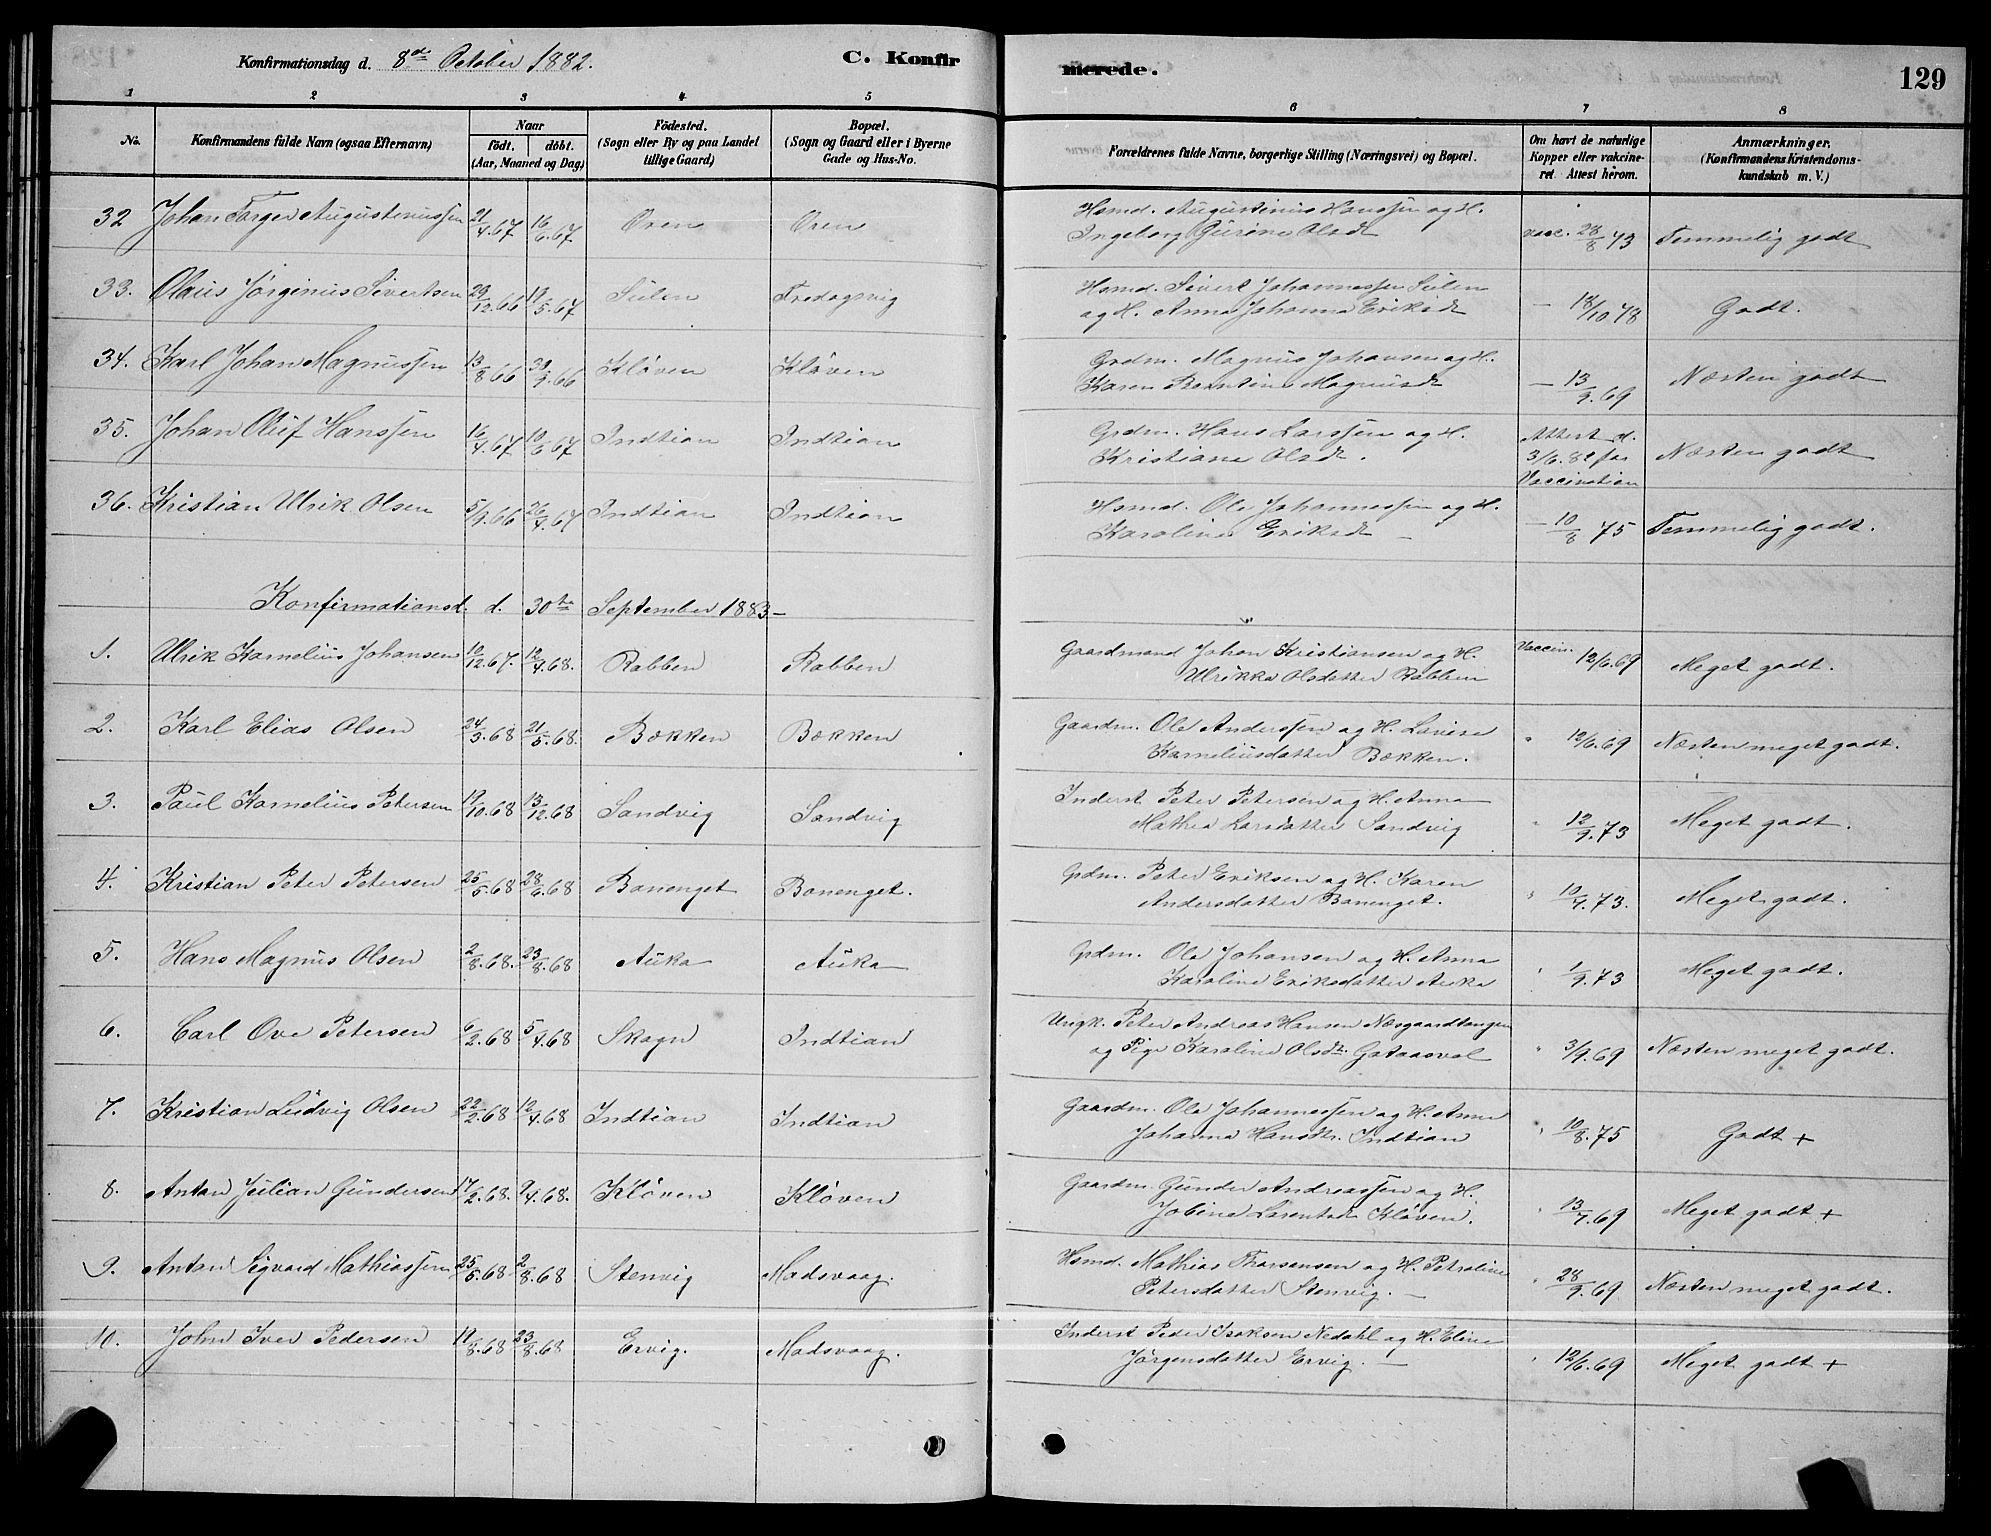 SAT, Ministerialprotokoller, klokkerbøker og fødselsregistre - Sør-Trøndelag, 640/L0585: Klokkerbok nr. 640C03, 1878-1891, s. 129